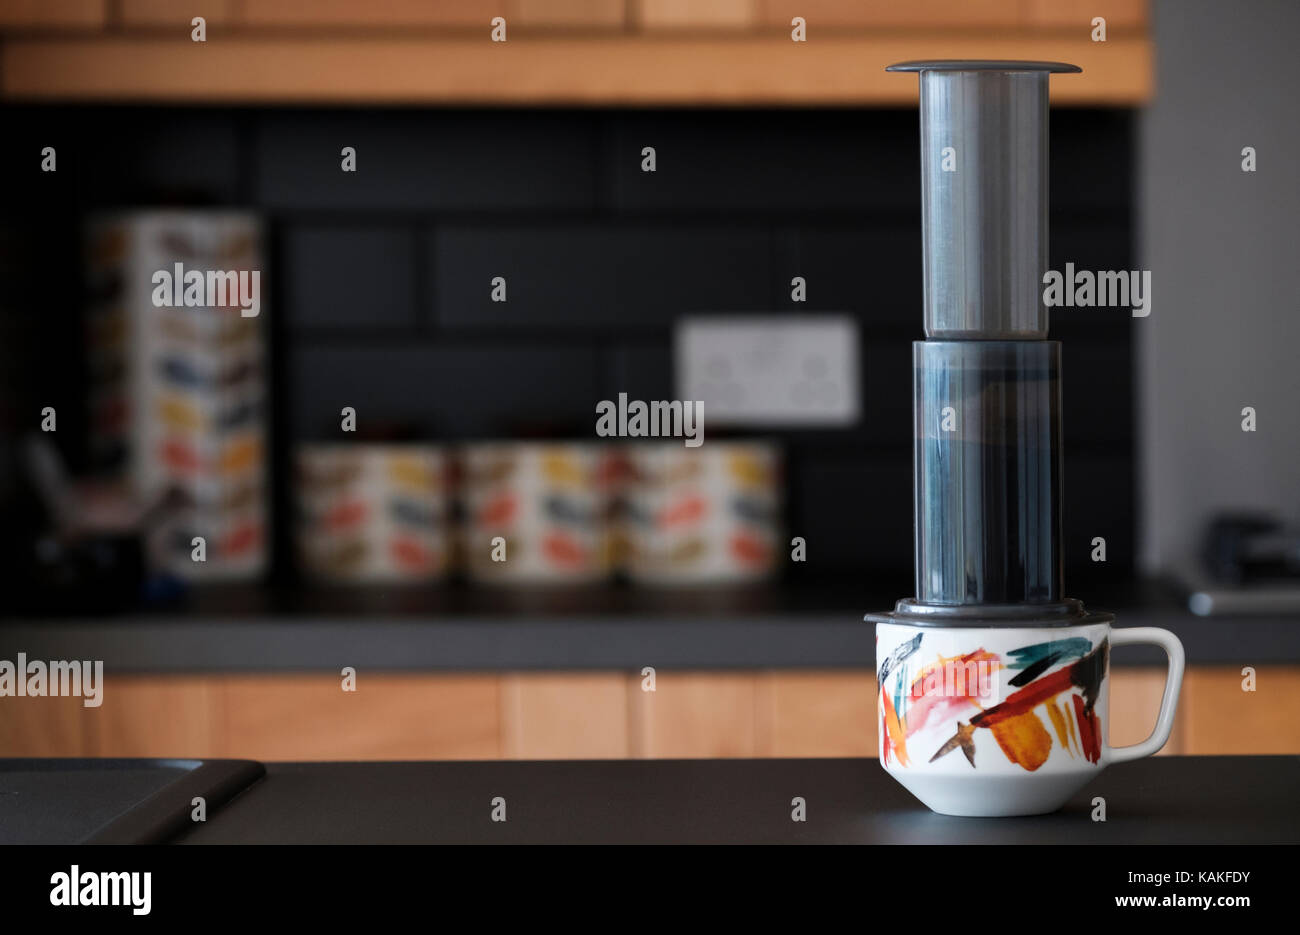 Une cafetière aeropress.inc étant utilisé pour faire du café dans une cuisine domestique Photo Stock